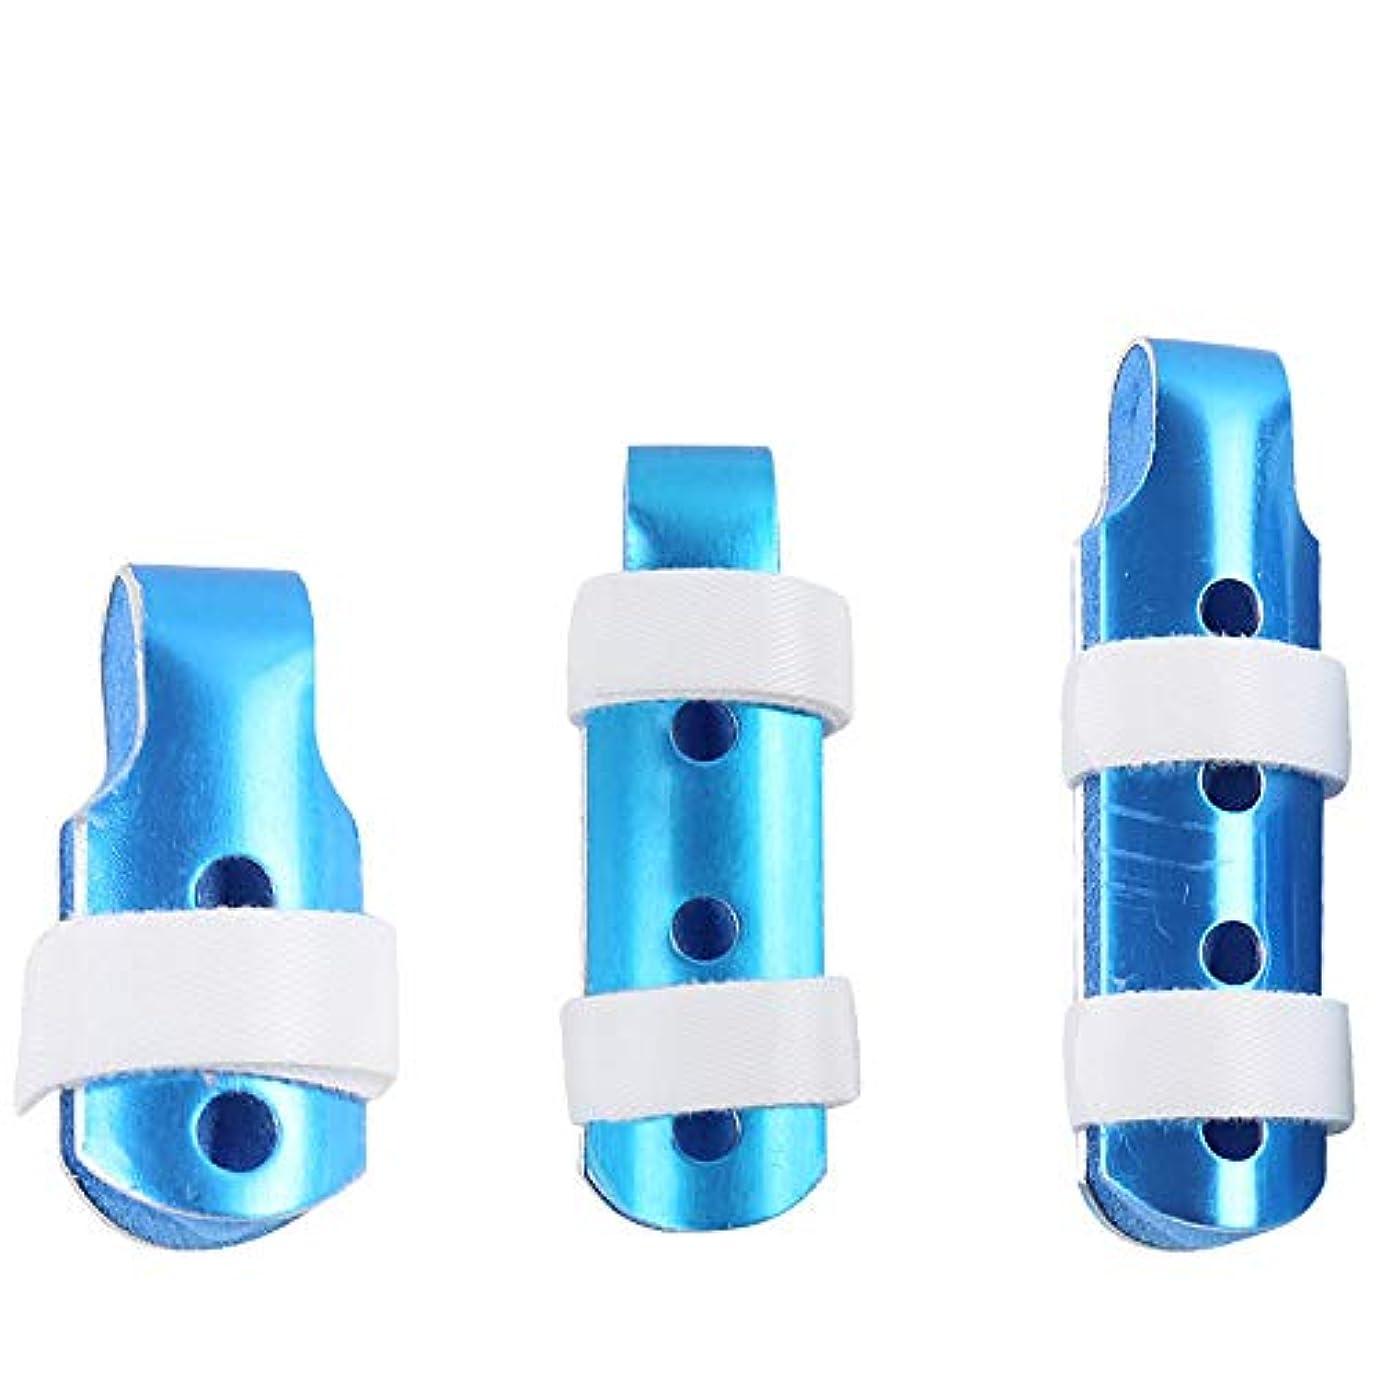 特定の金貸し特定の指の添え木、調節可能なサポート引き金、関節保護指の傷害防止用プロテクター、フックとループストラップで折り重ね(3個)